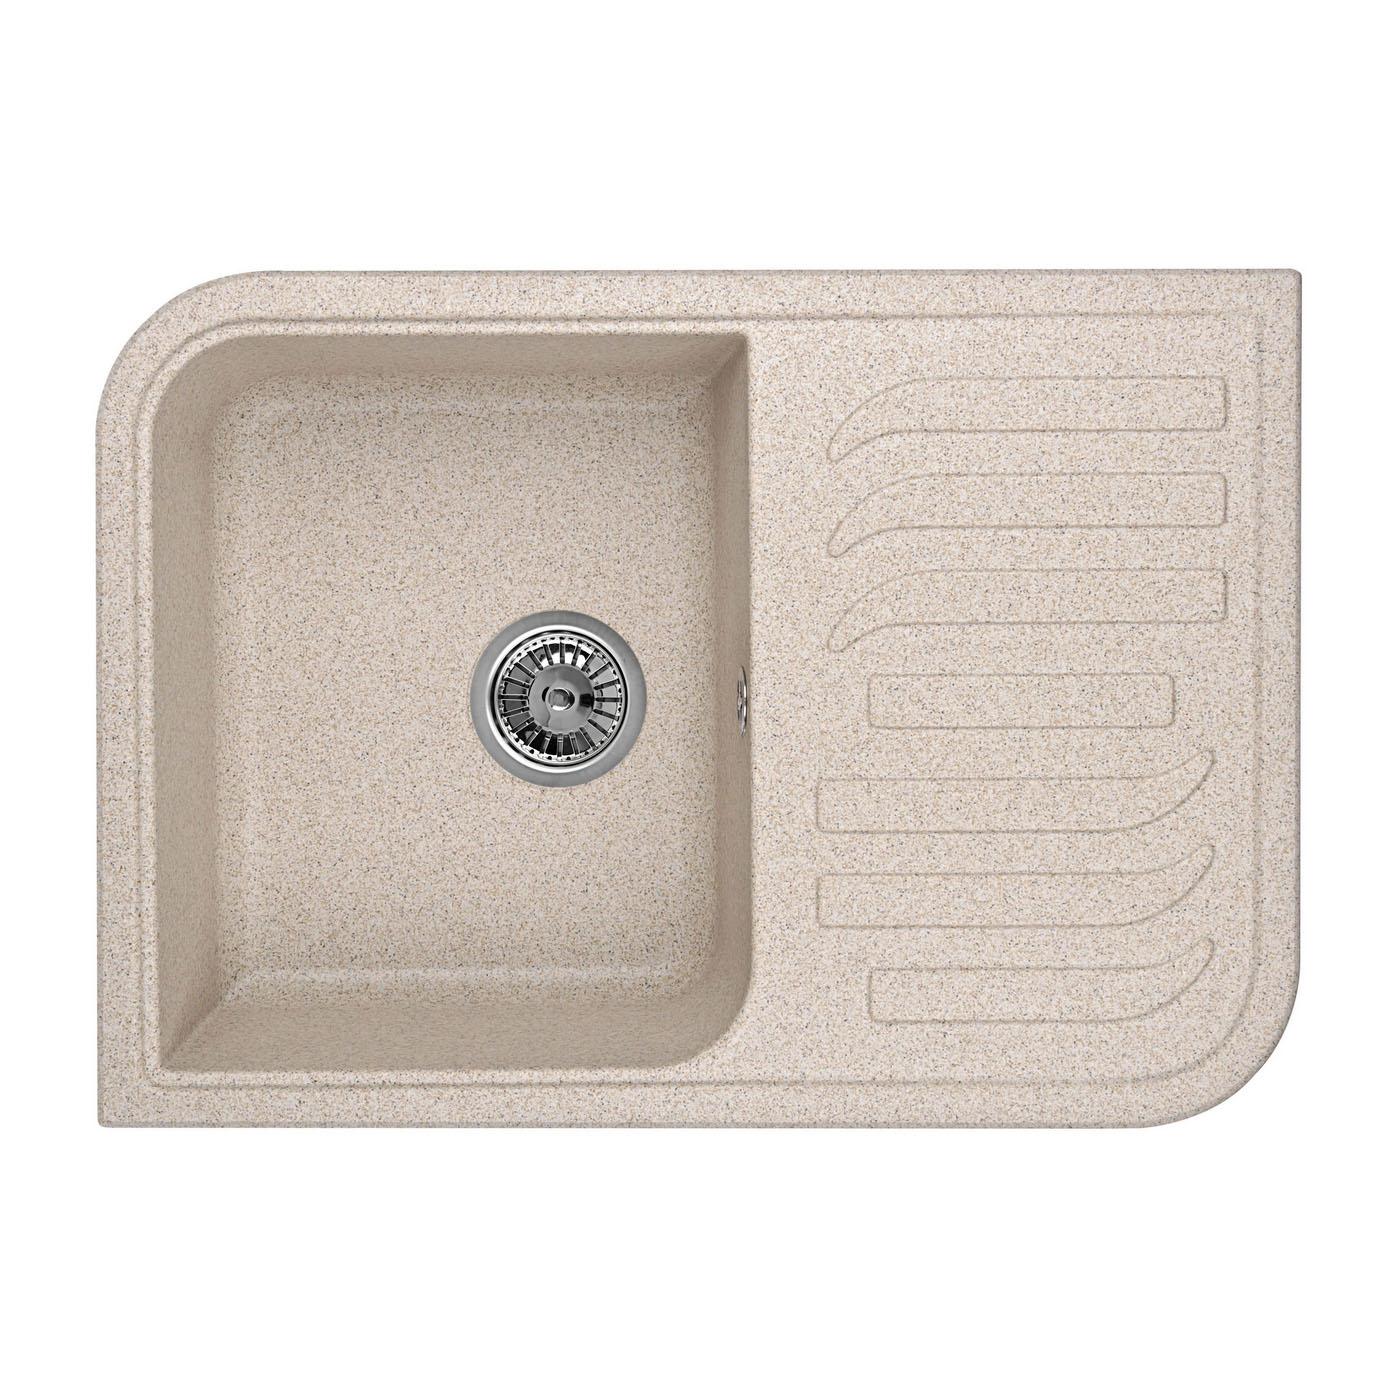 Кухонная мойка Granula GR-7001 695х495 классик кухонная мойка teka centroval mic